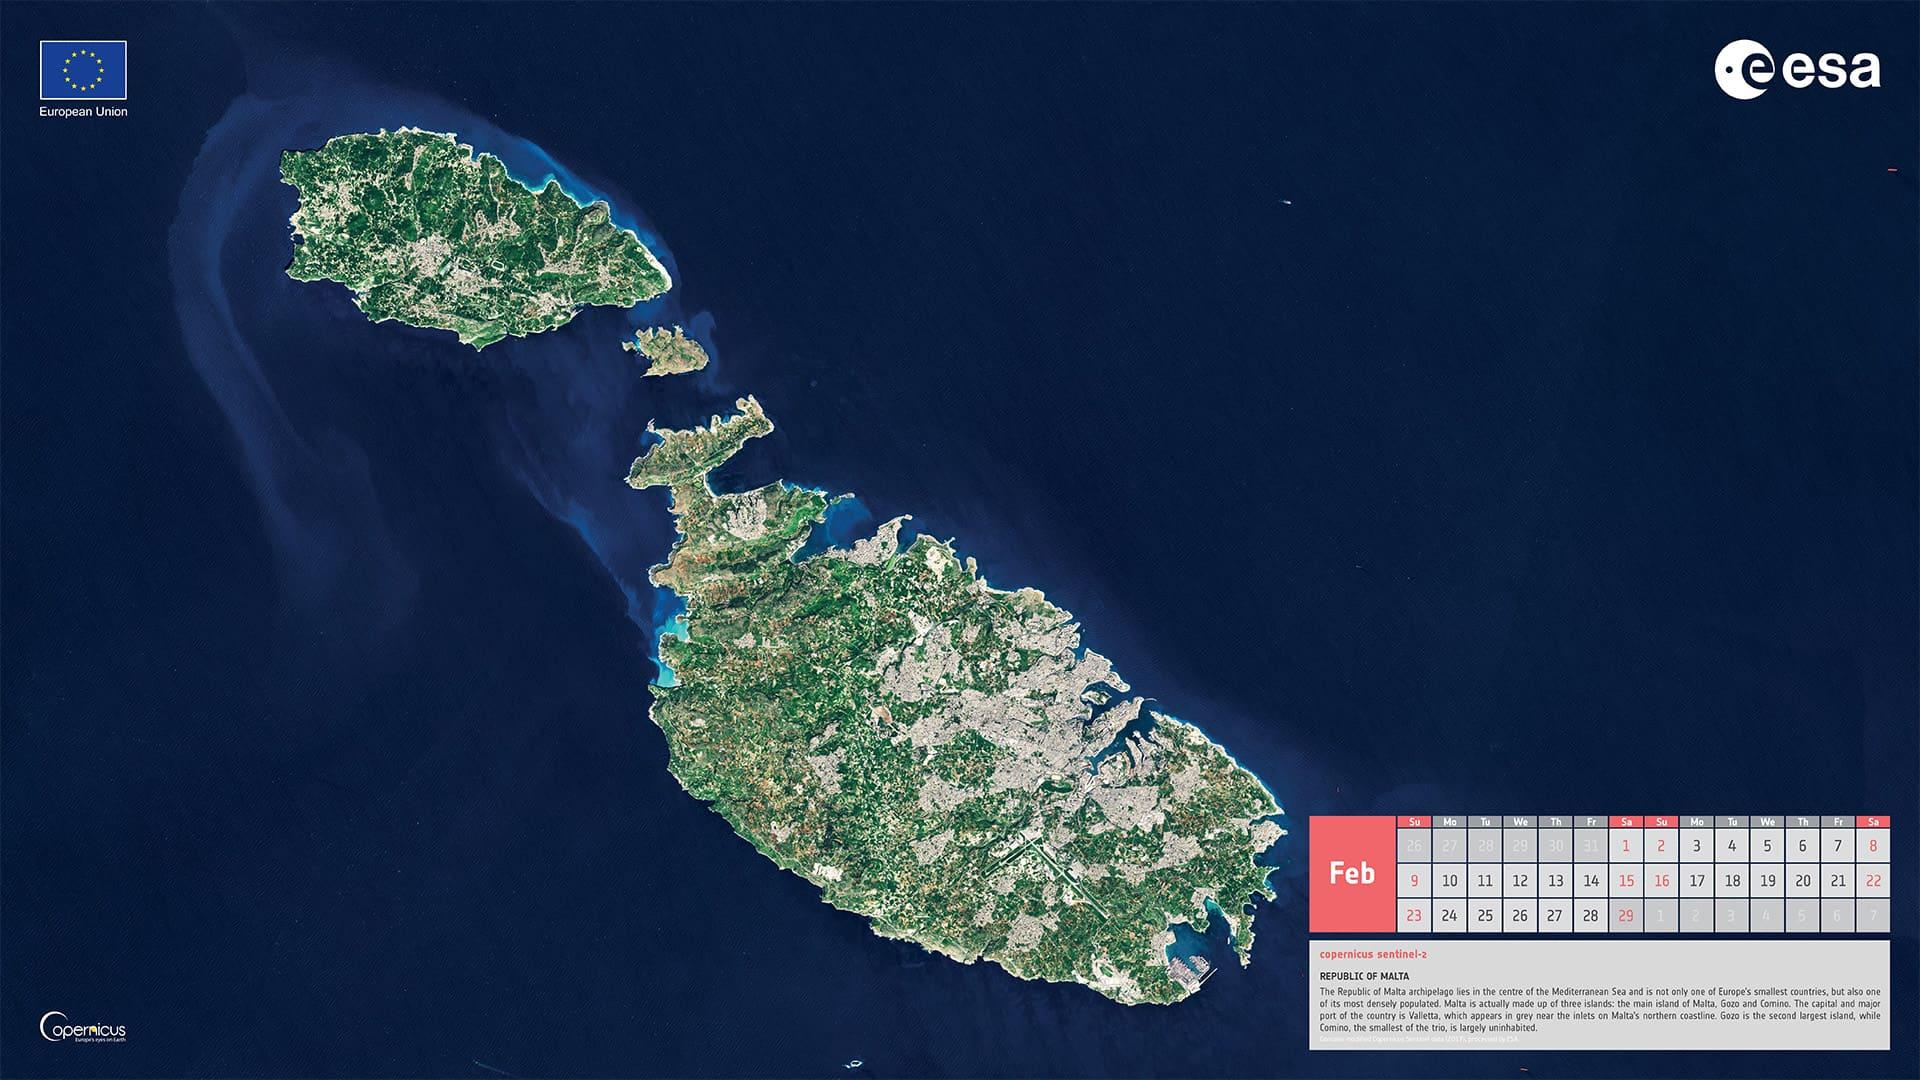 Février 2020 - République de Malte